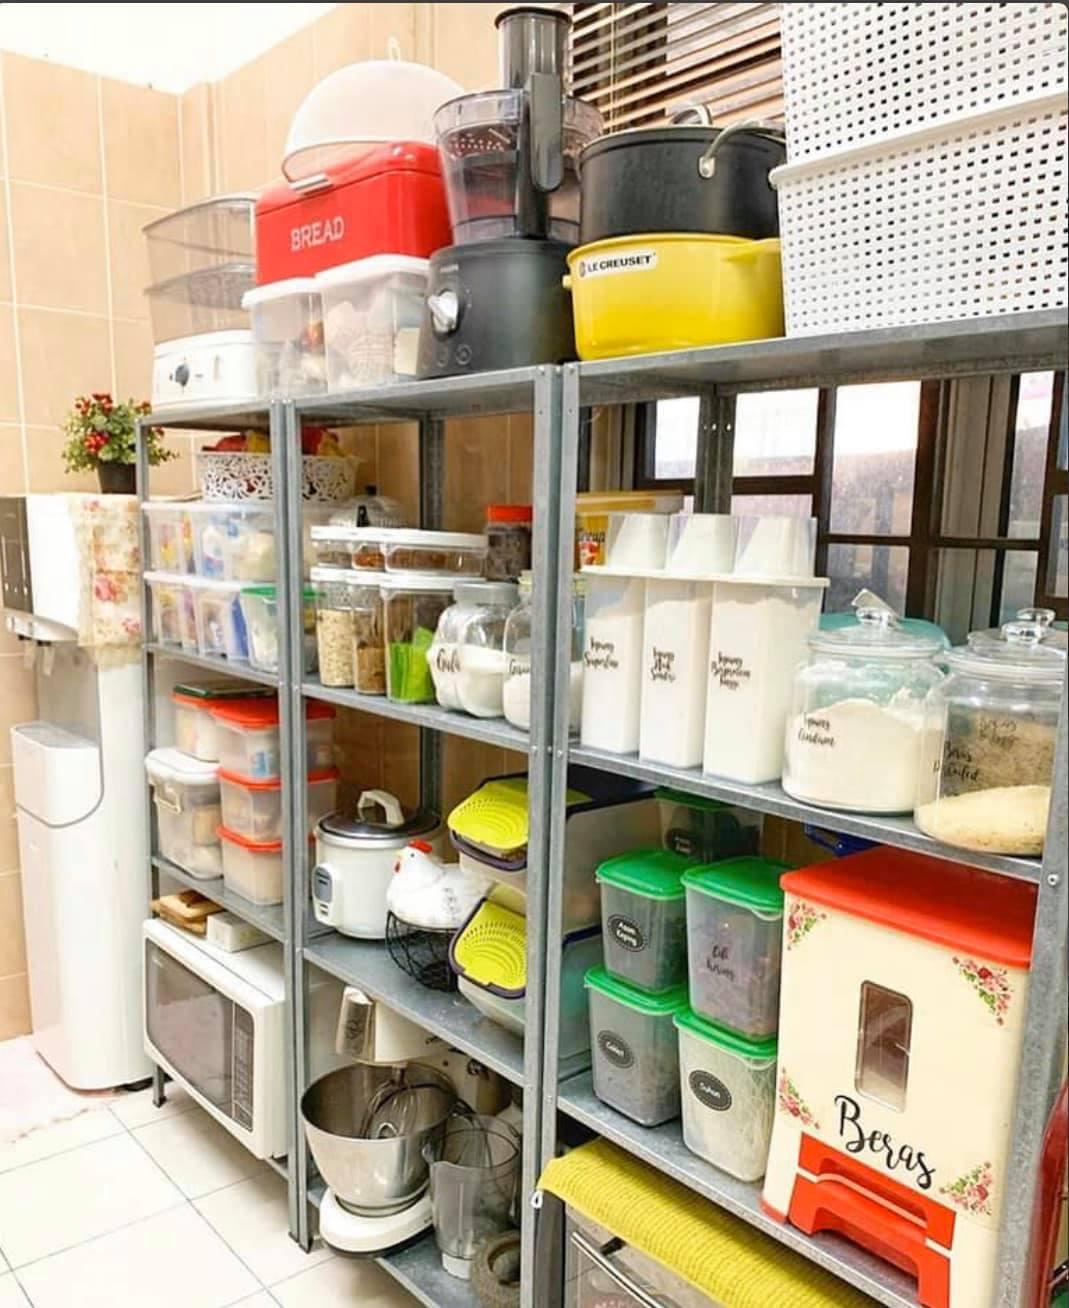 Koleksi Deko Sudut Ruang Dapur - Susun Atur Rempah Ratus